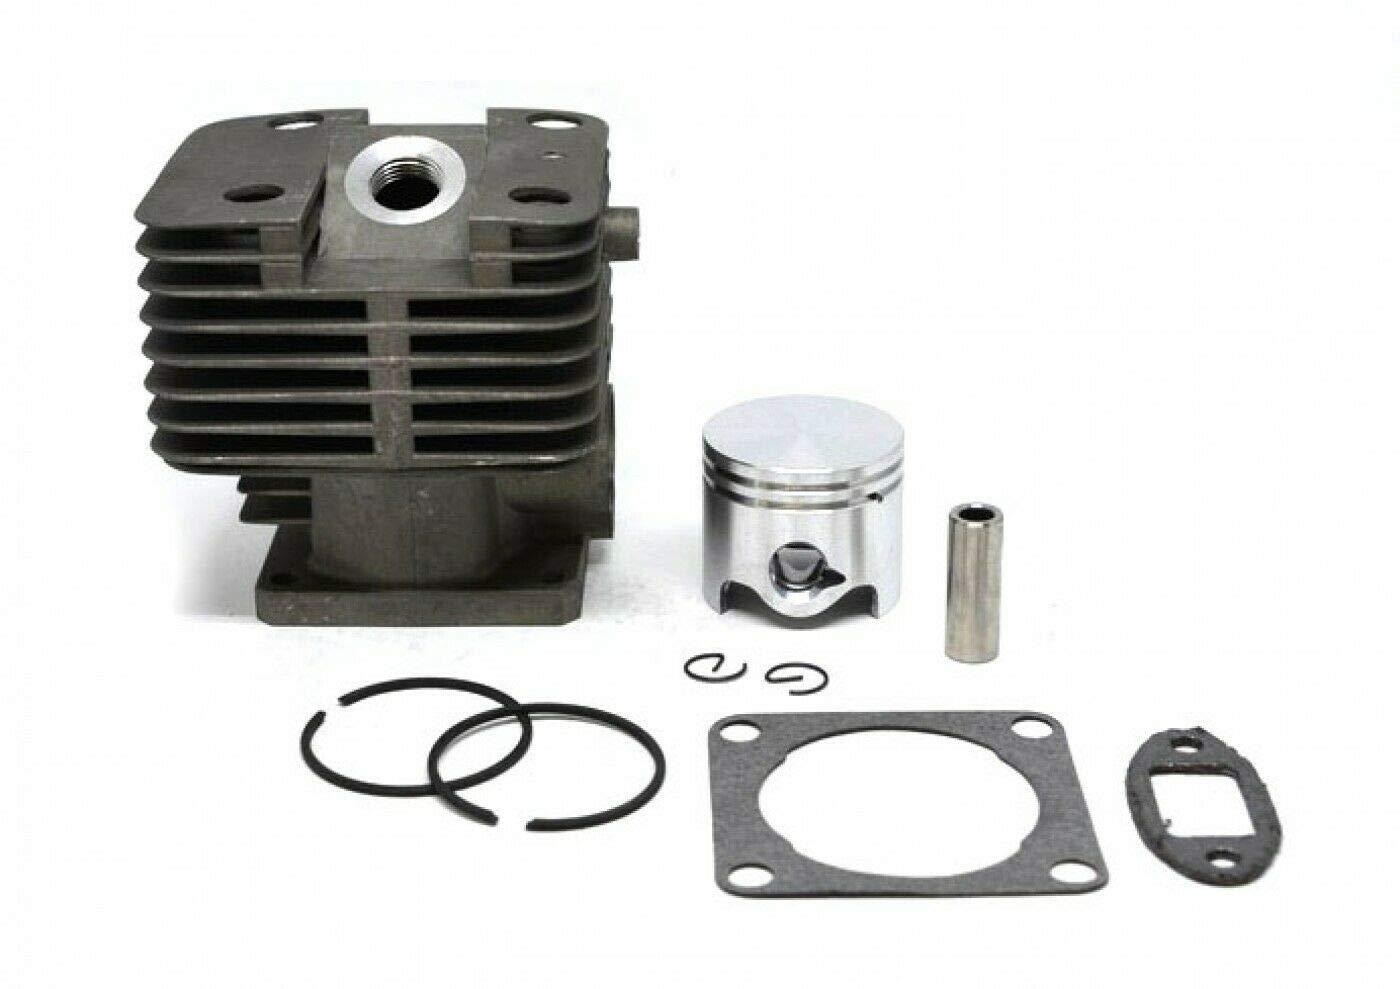 HS PARTS Pistón y cilindro para Desbrozadoras Stihl FS200 FS300 ...